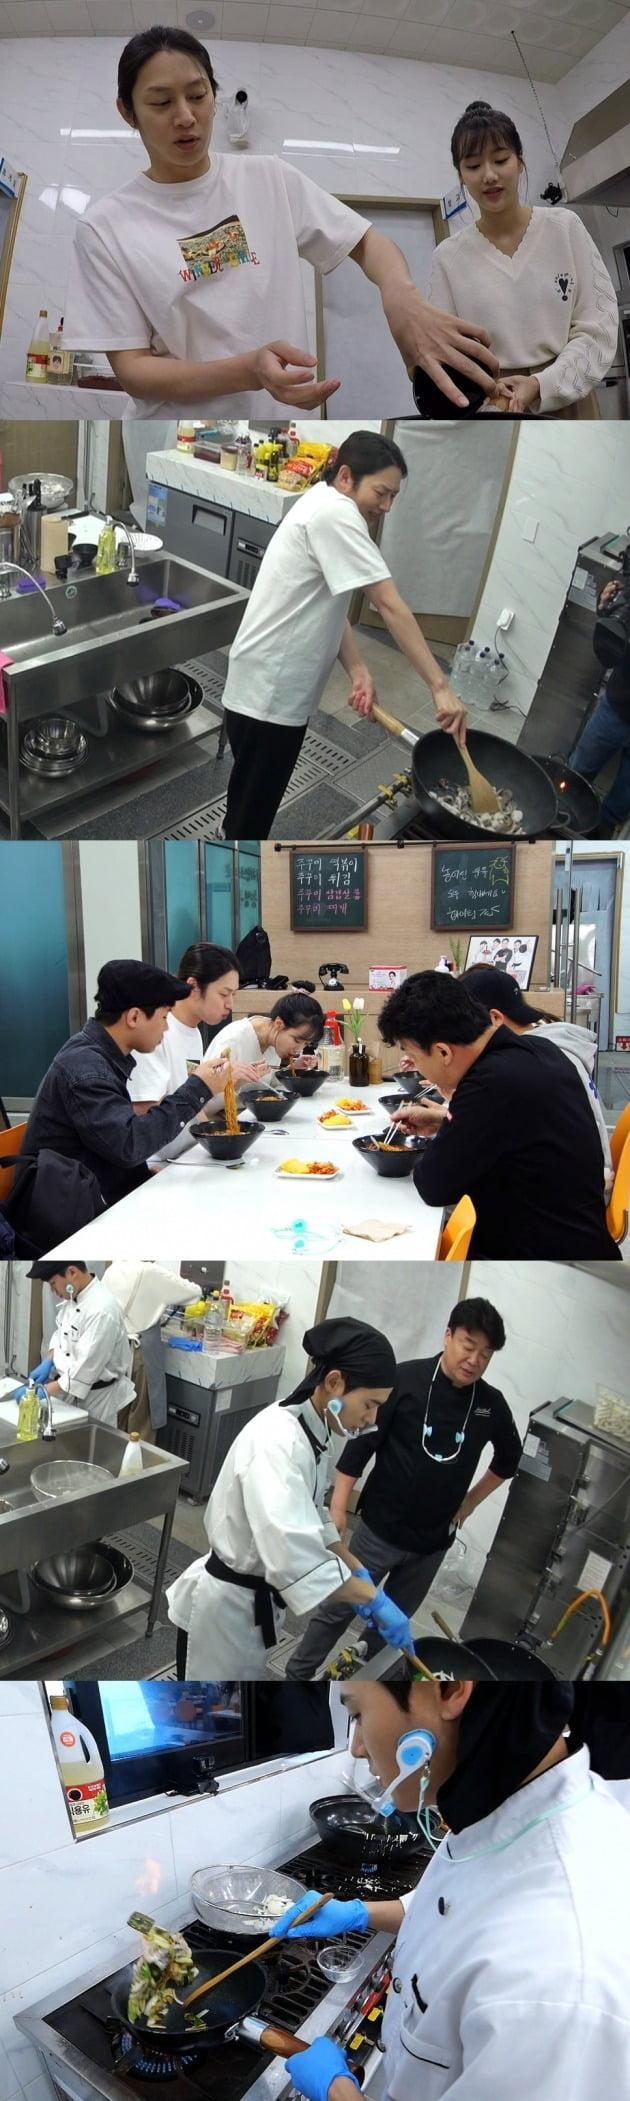 '맛남의 광장' 군산 미식회 / 사진제공=SBS